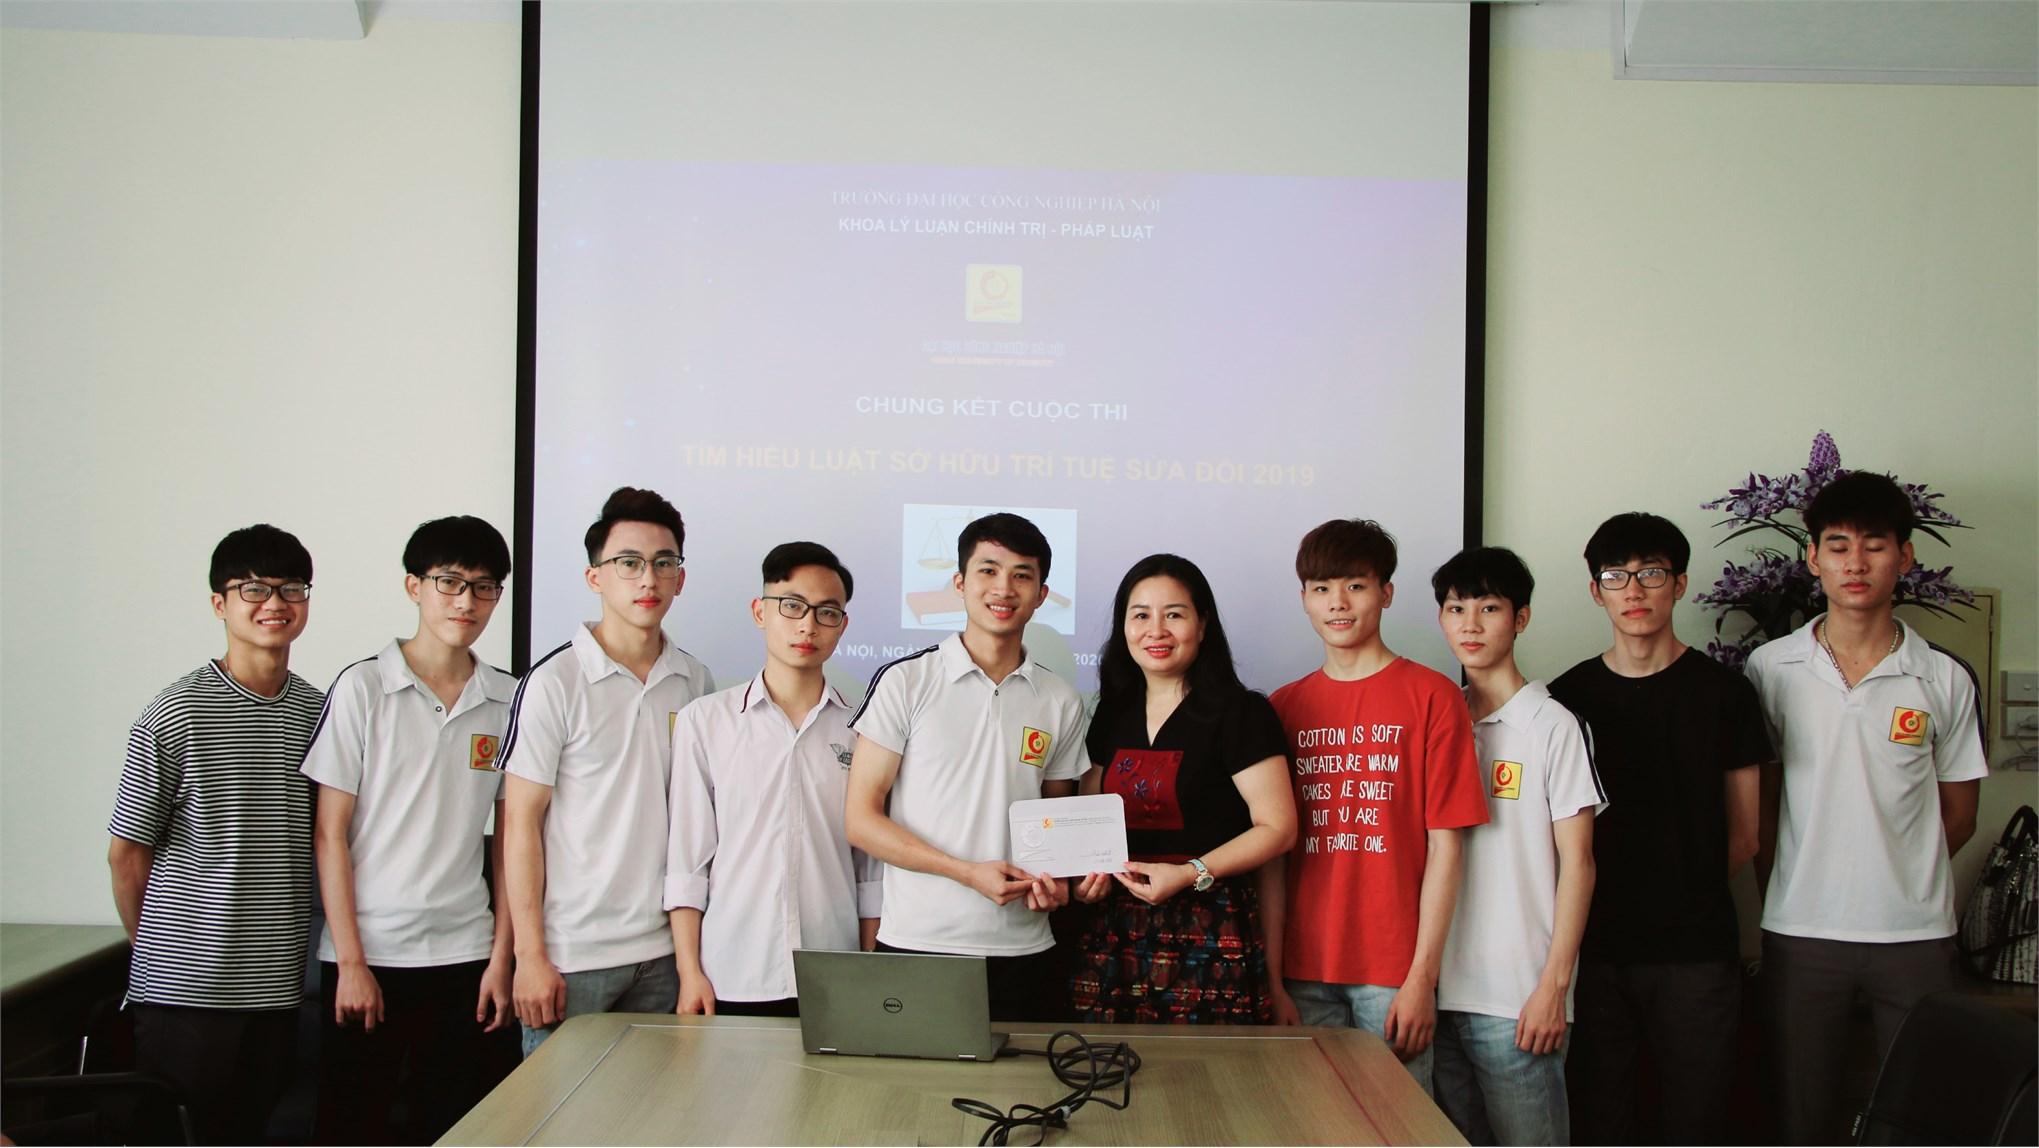 Chung kết và trao giải cuộc thi tuyên truyền giáo dục pháp luật - `Luật sở hữu trí tuệ`